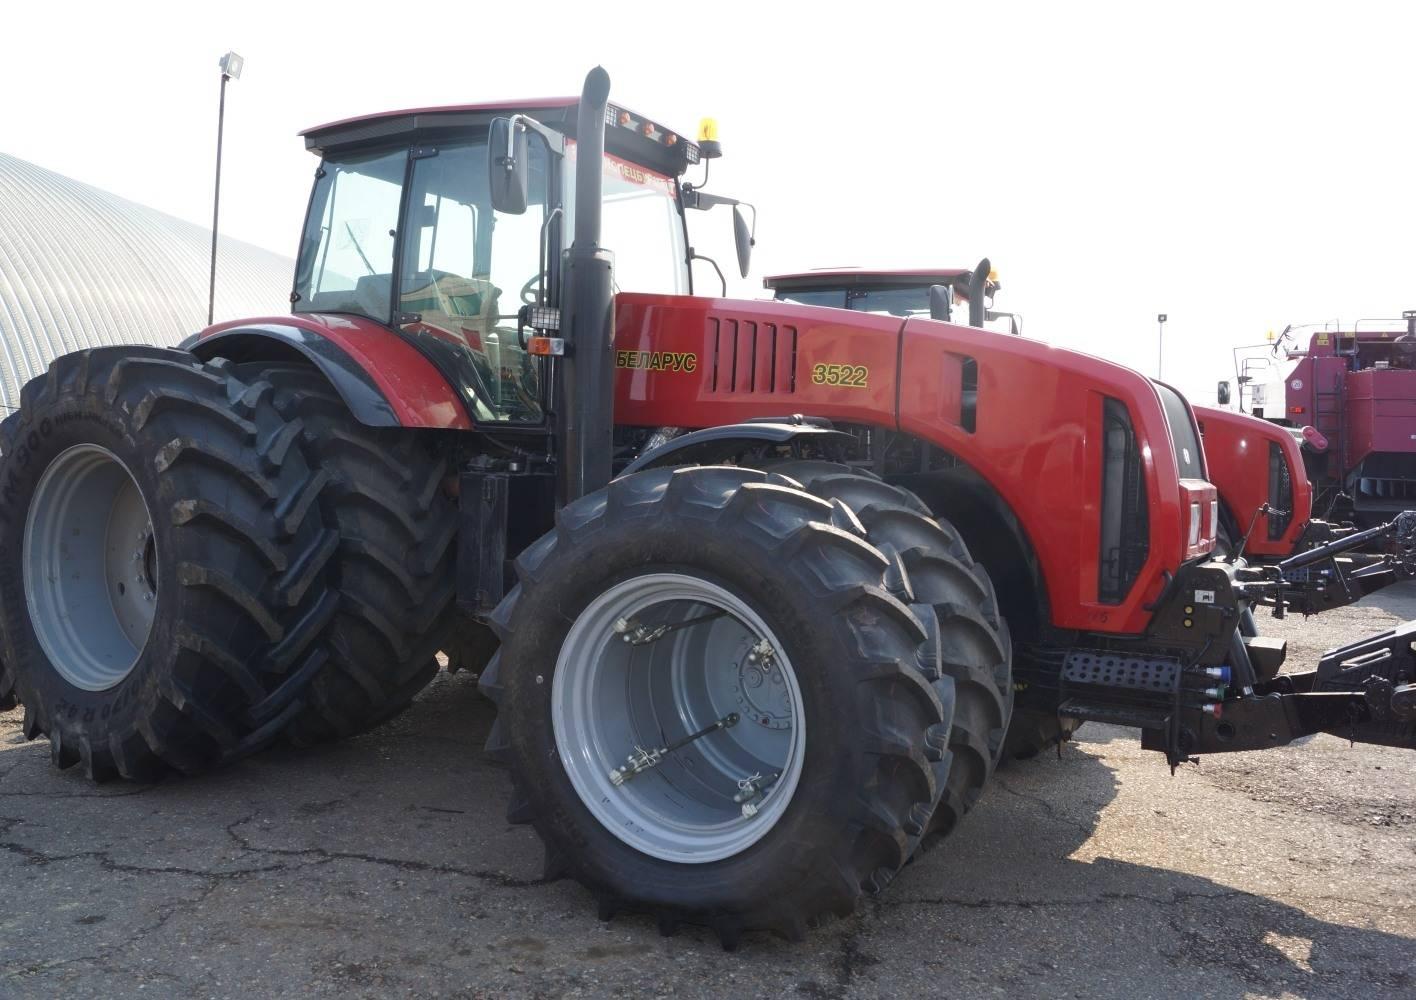 BELARUS-3022ДЦ.1: Минский тракторный завод